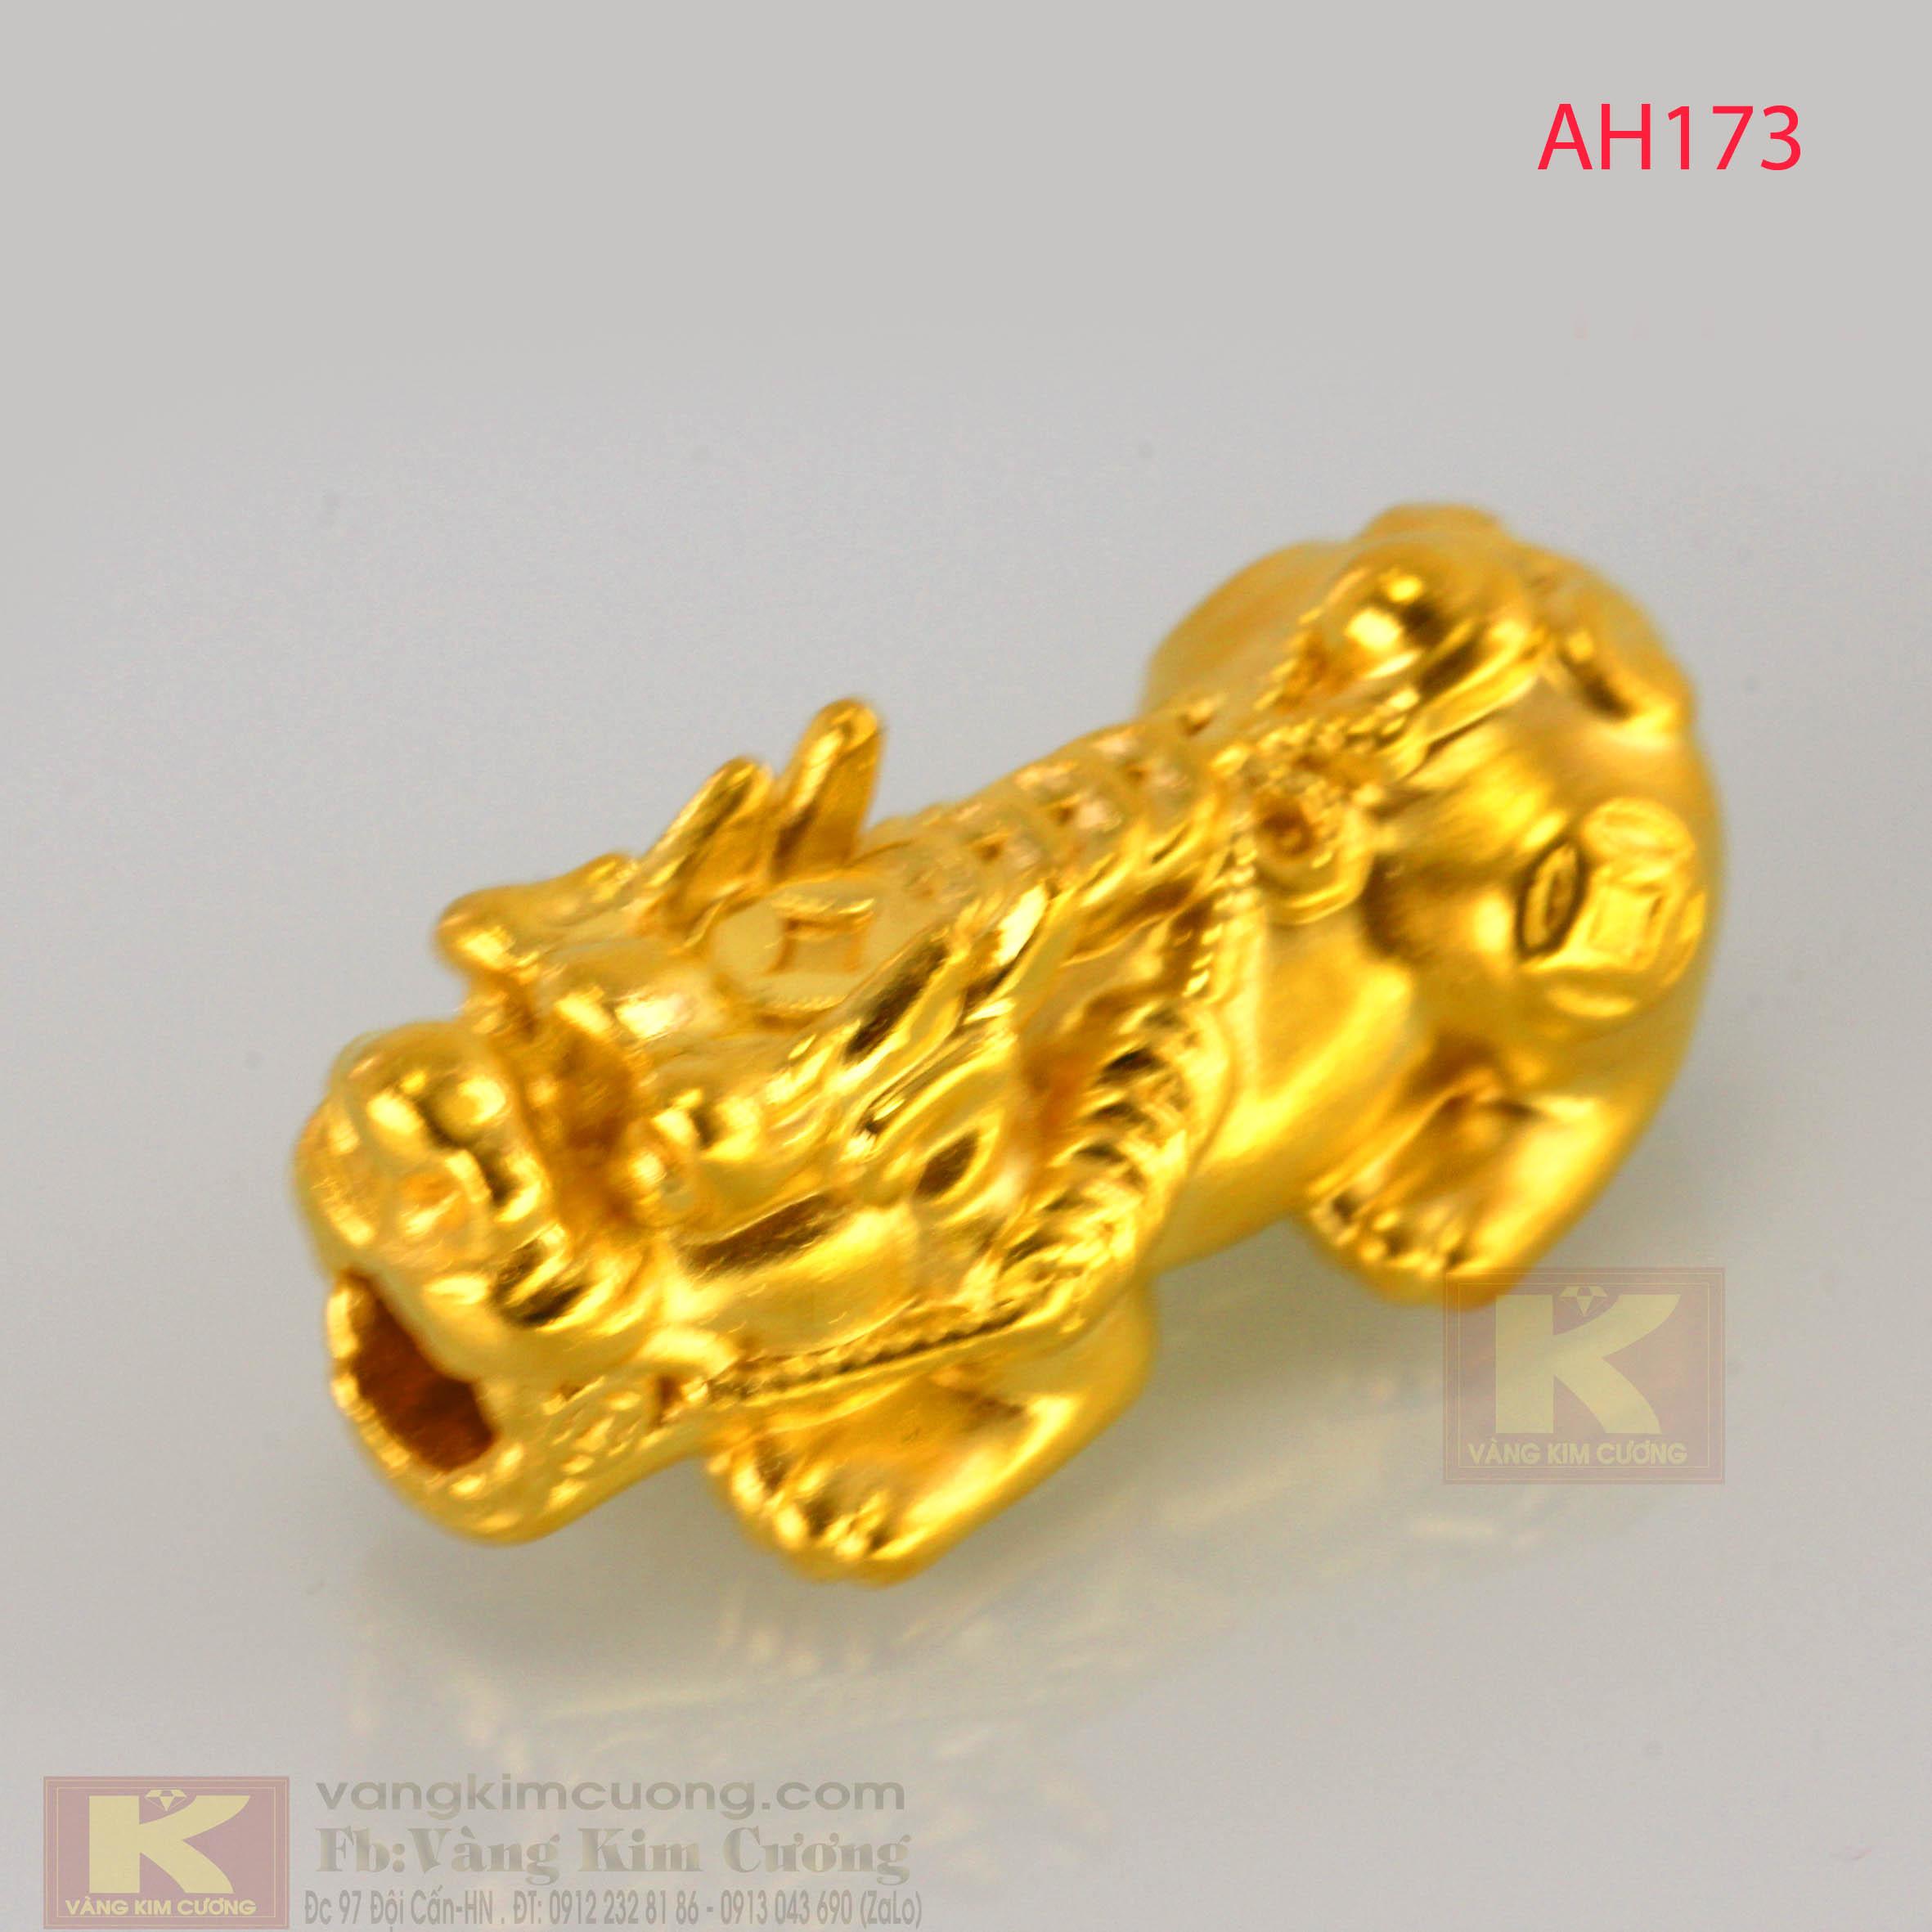 Tỳ hưu vàng 24k mã AH173